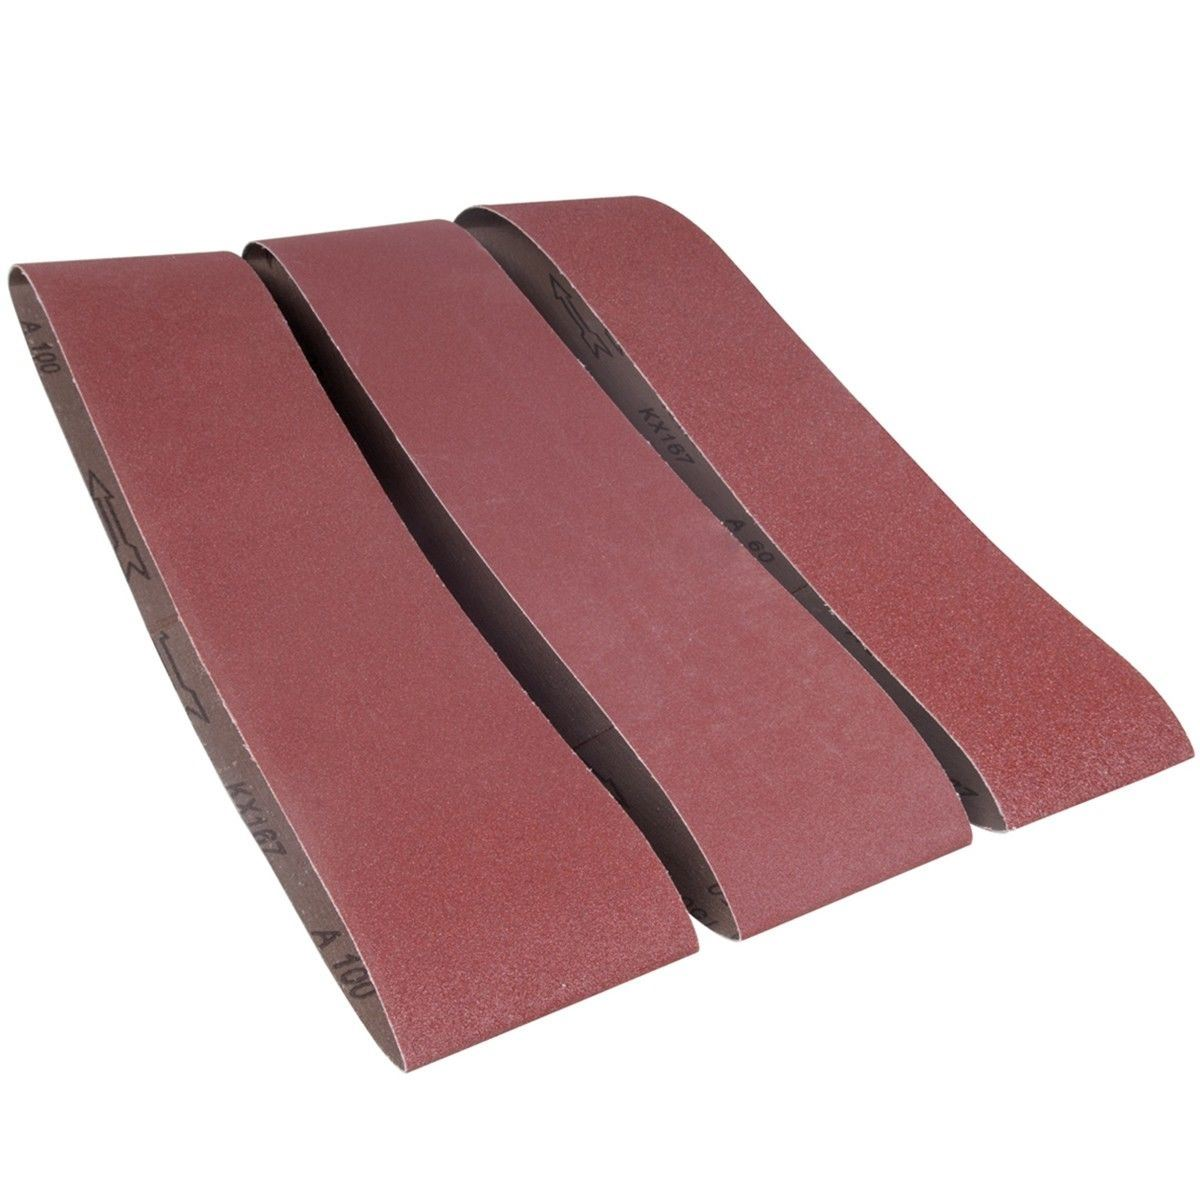 Sanding Belts 75 X 533Mm 5Pk 80 Grit Silverline 433236